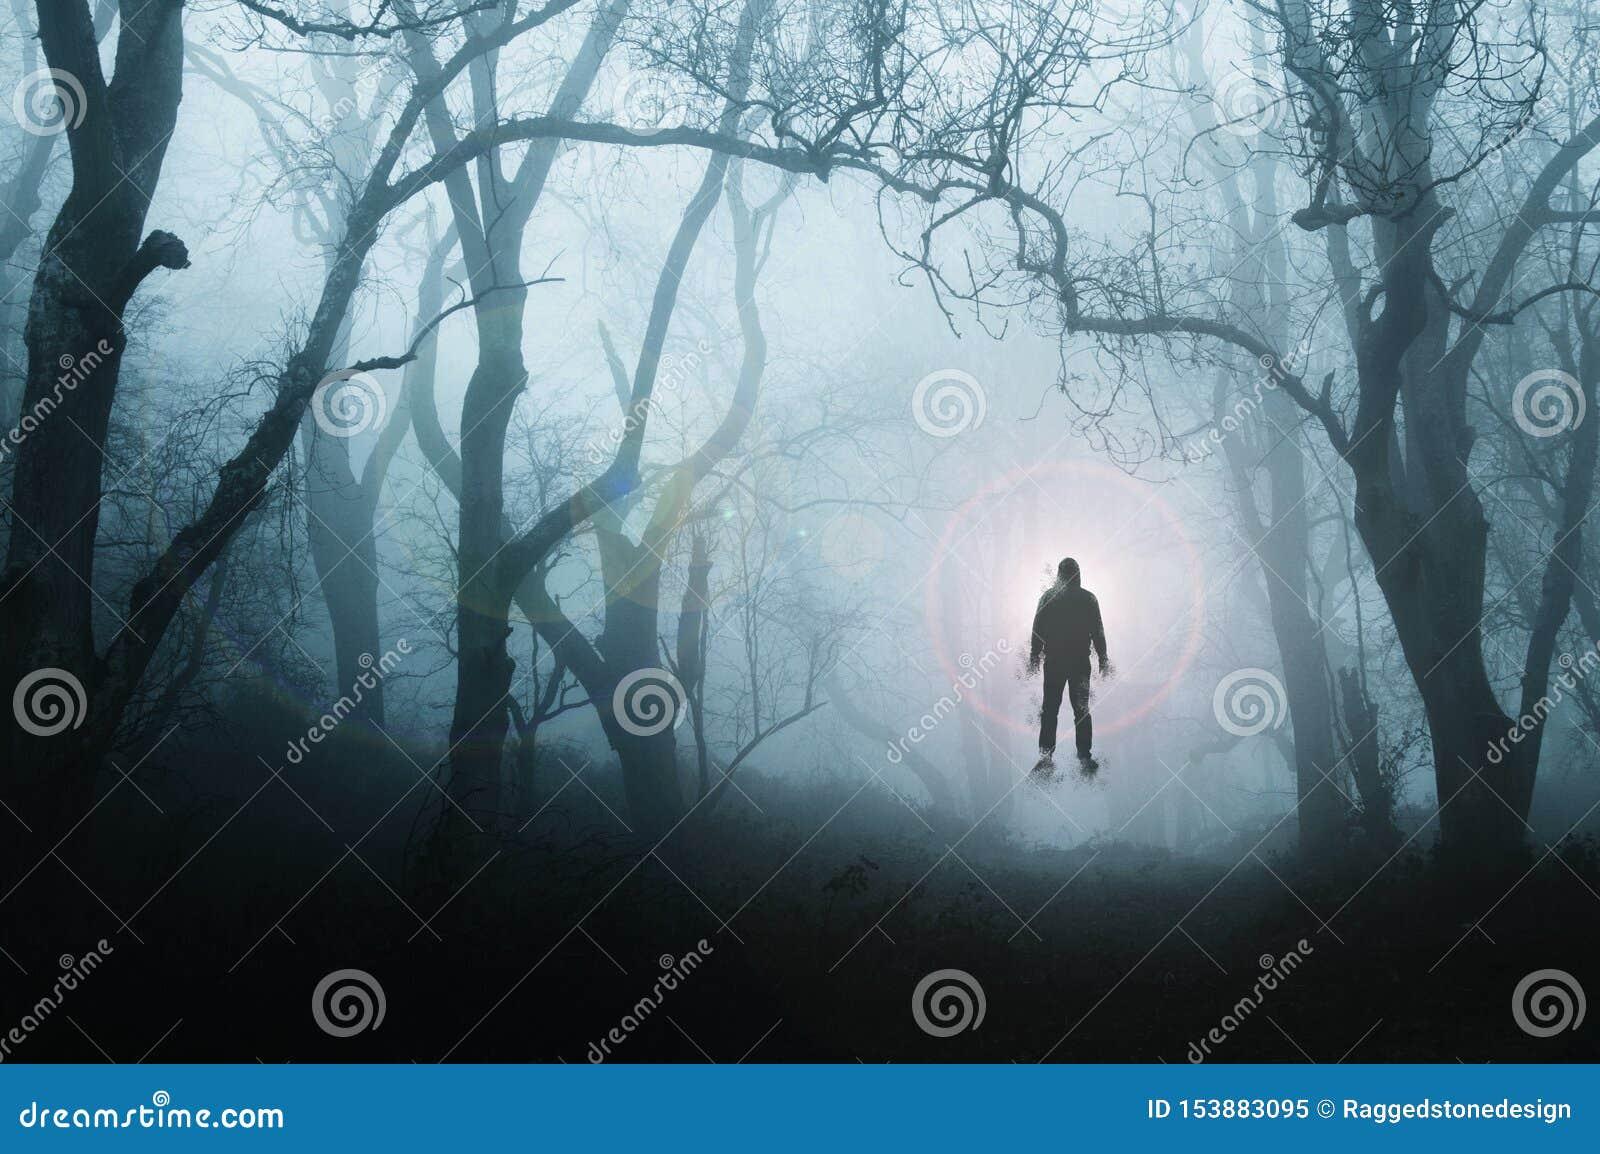 Een griezelig, angstaanjagend bos in de winter, met een mens die tegen een helder licht, met de bomen drijft die door mist worden